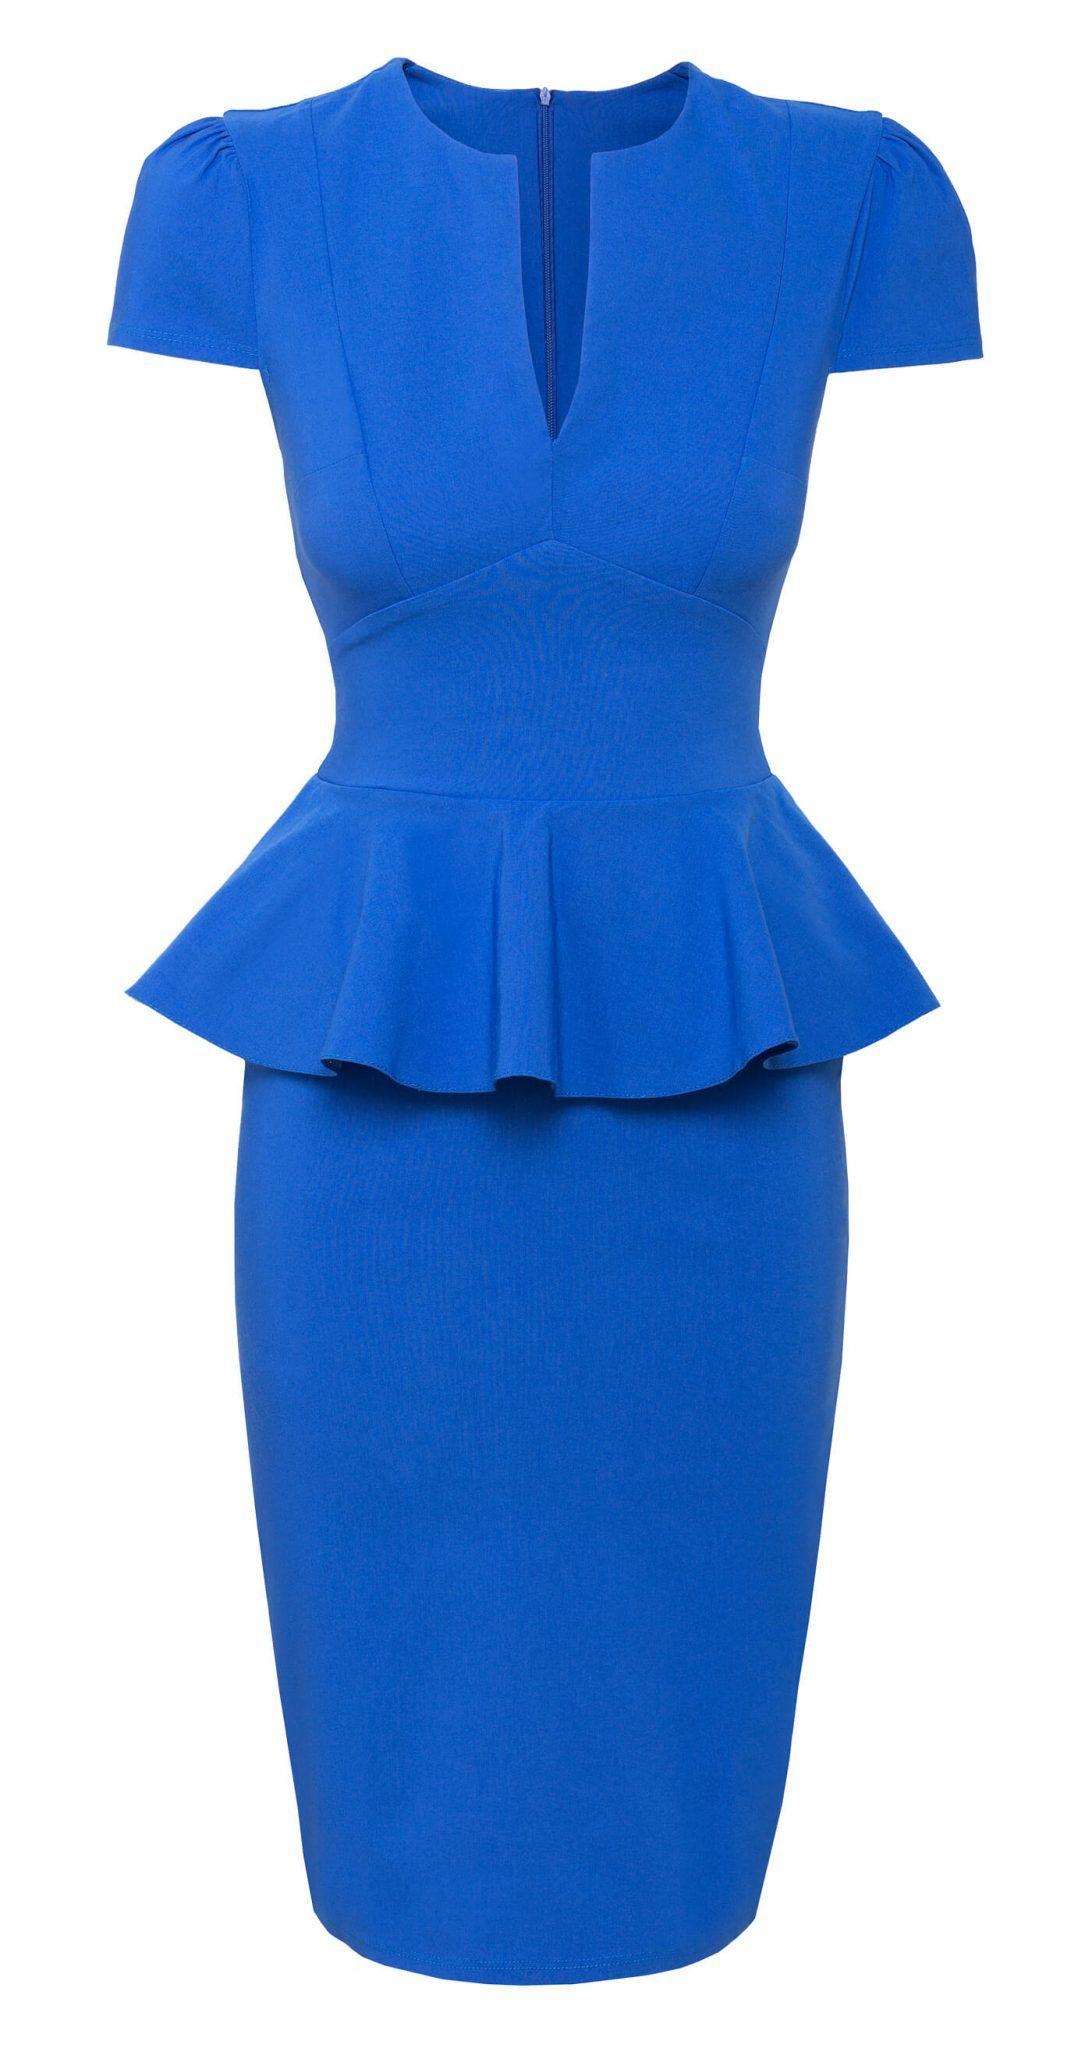 City Goddess  Kleid mit Schößchen - Royalblau  AMCO fashion  by